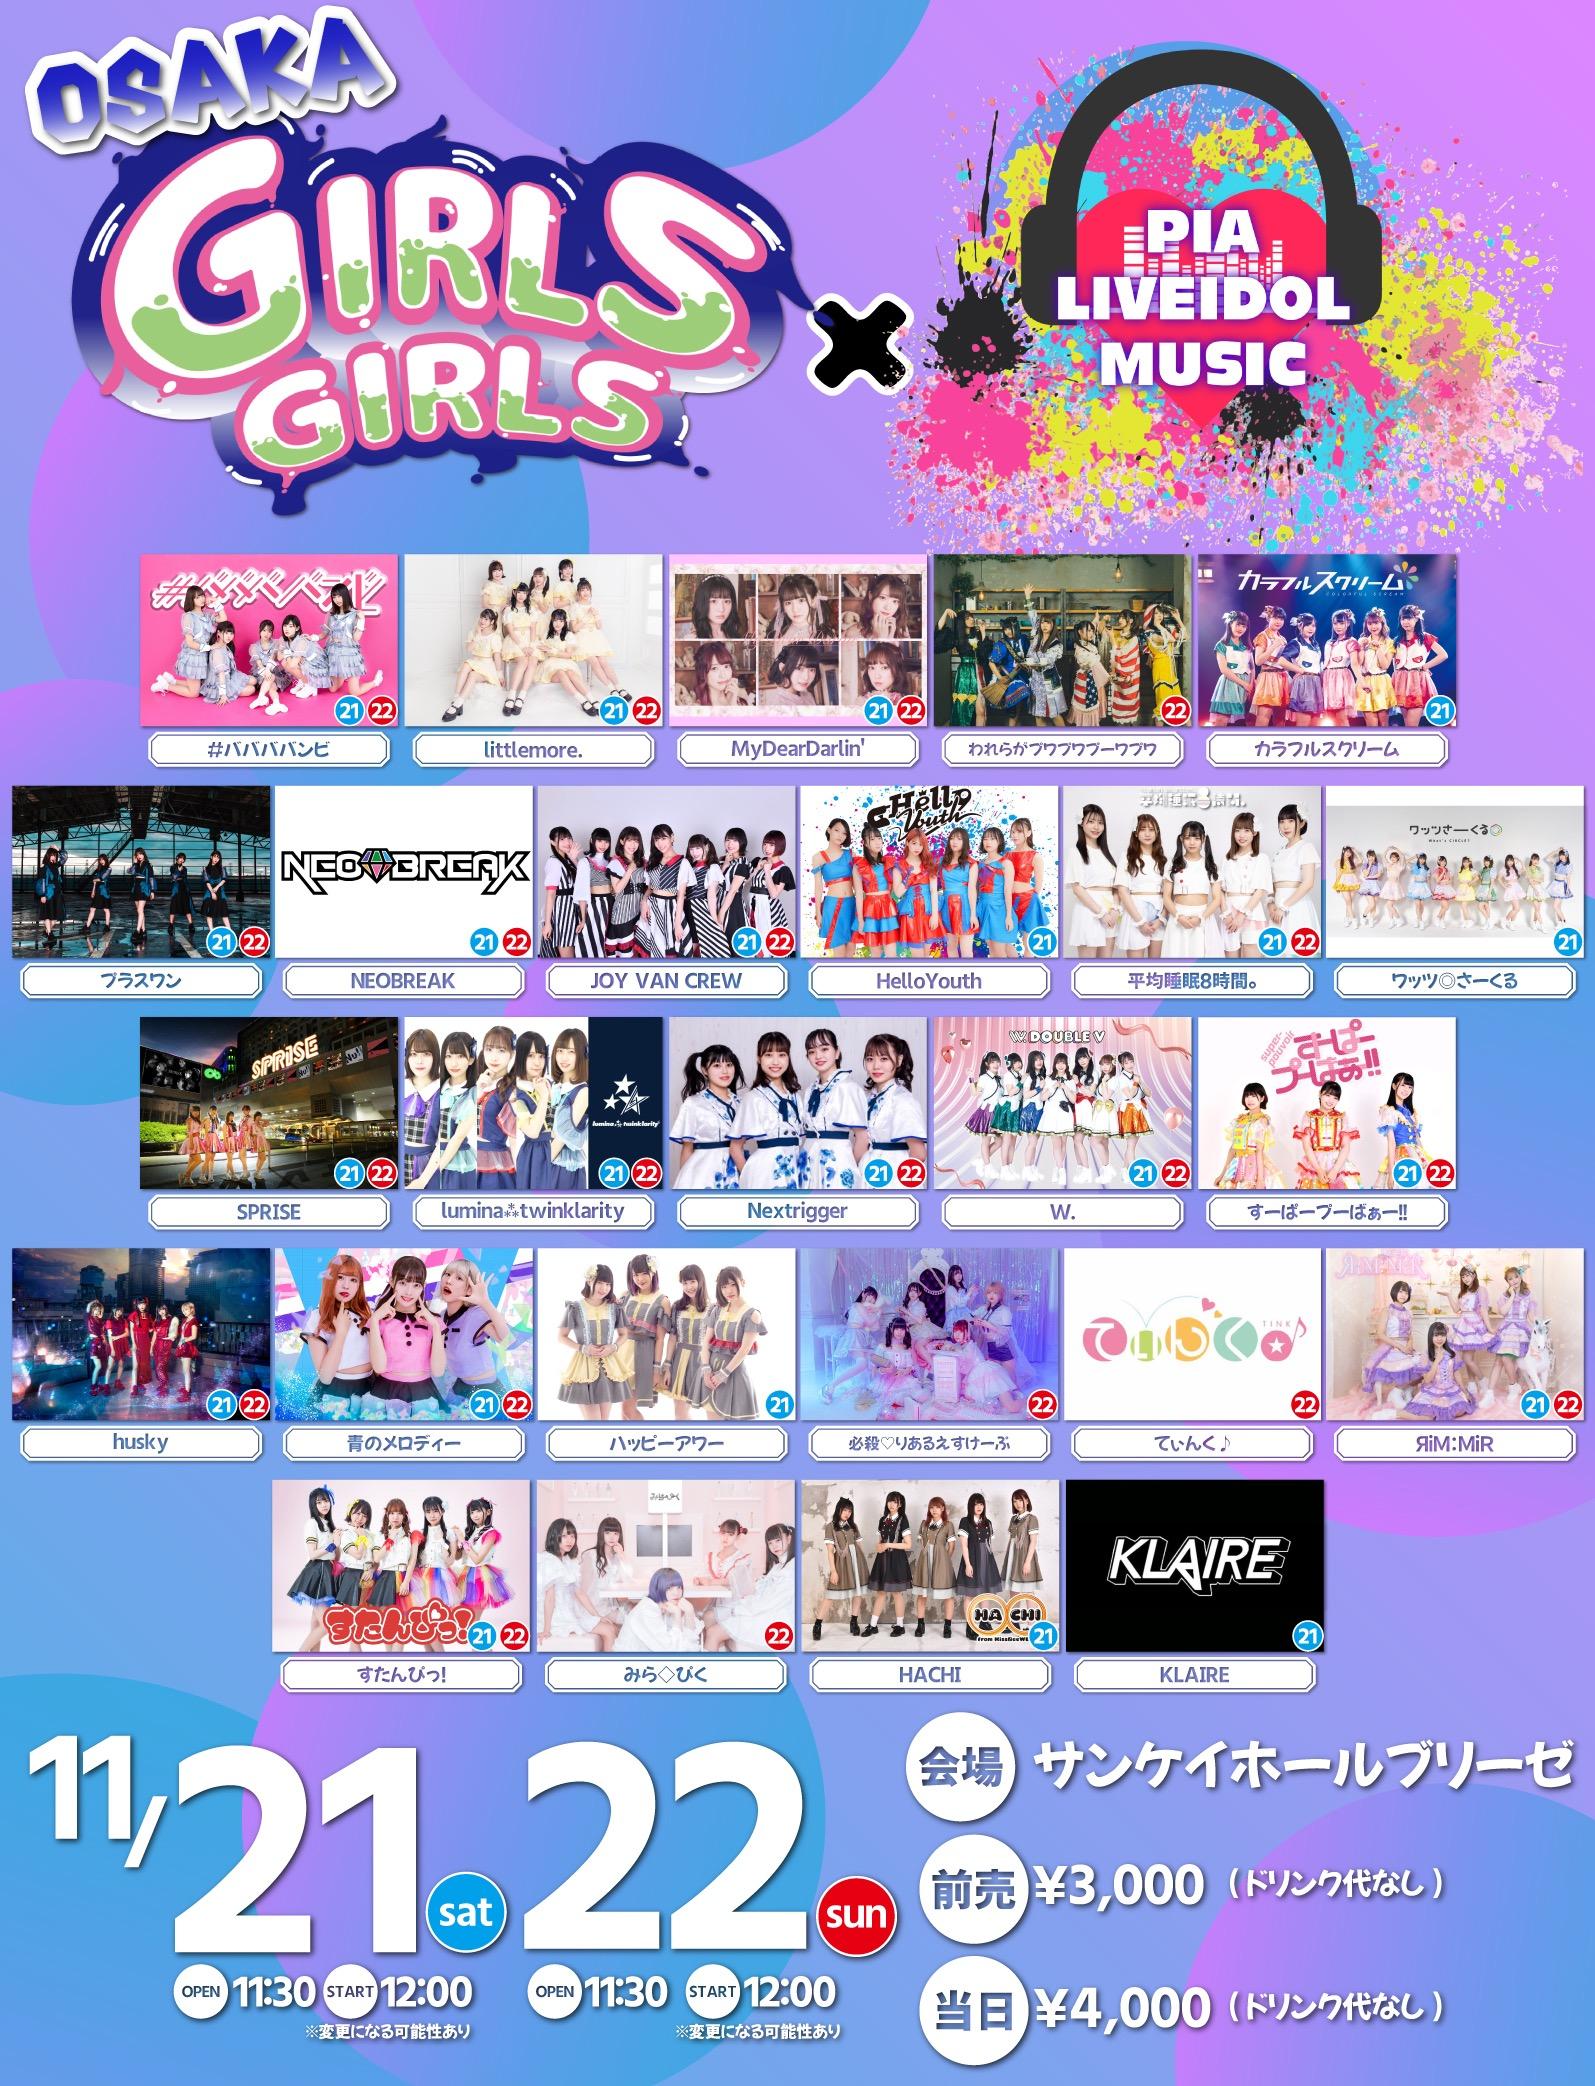 11/22(日) OSAKA GIRLS GIRLS × PIA LIVEIDOL MUSIC